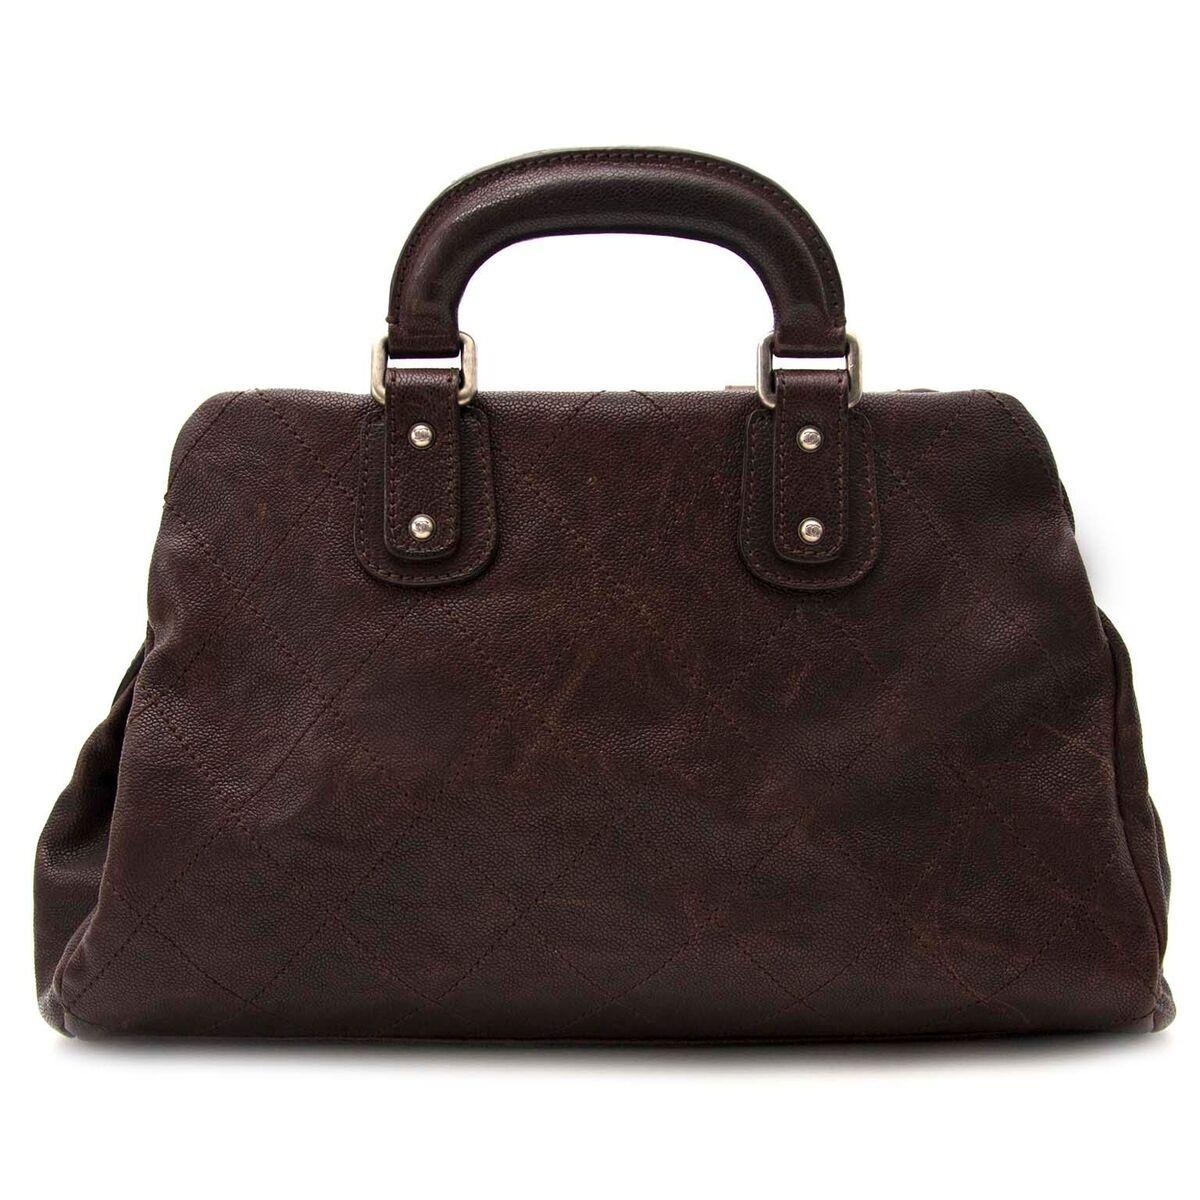 90d401adfa69 Safe Koop authentieke tweedehands Chanel doctors bag aan een eerlijke prijs  bij LabelLOV. Veilig online shoppen